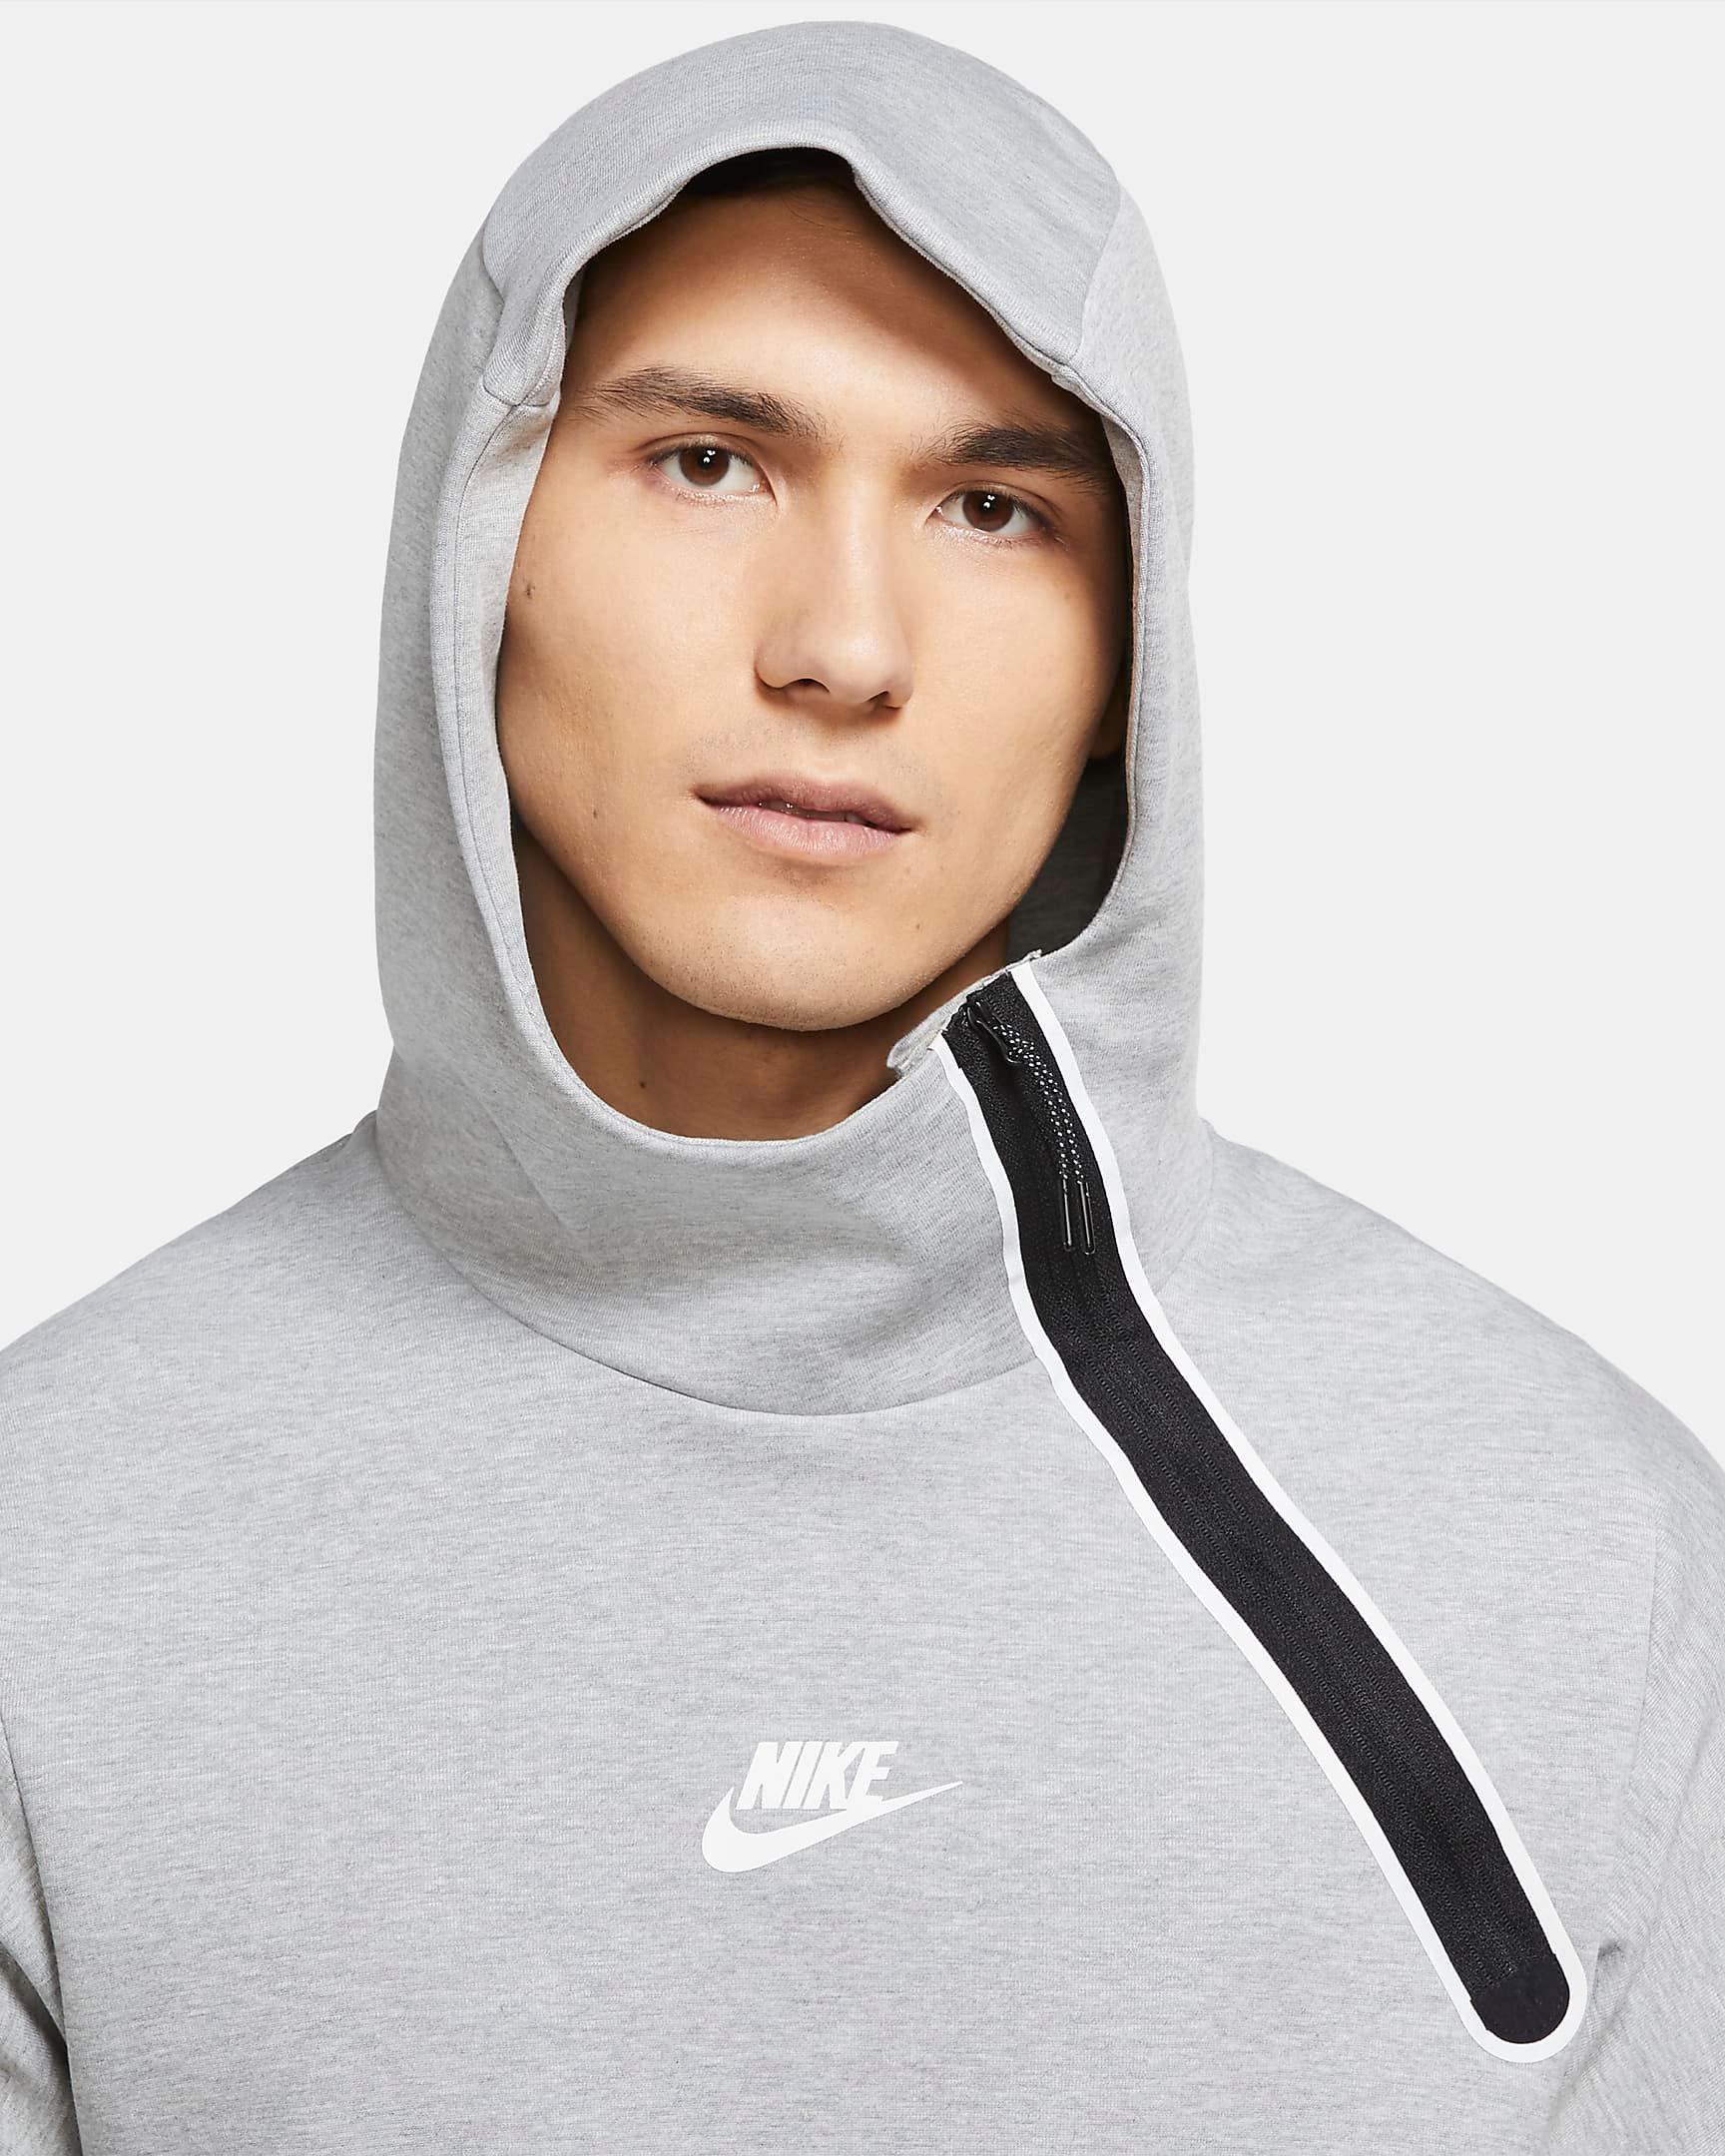 nike-tech-fleece-reflective-hoodie-grey-black-3